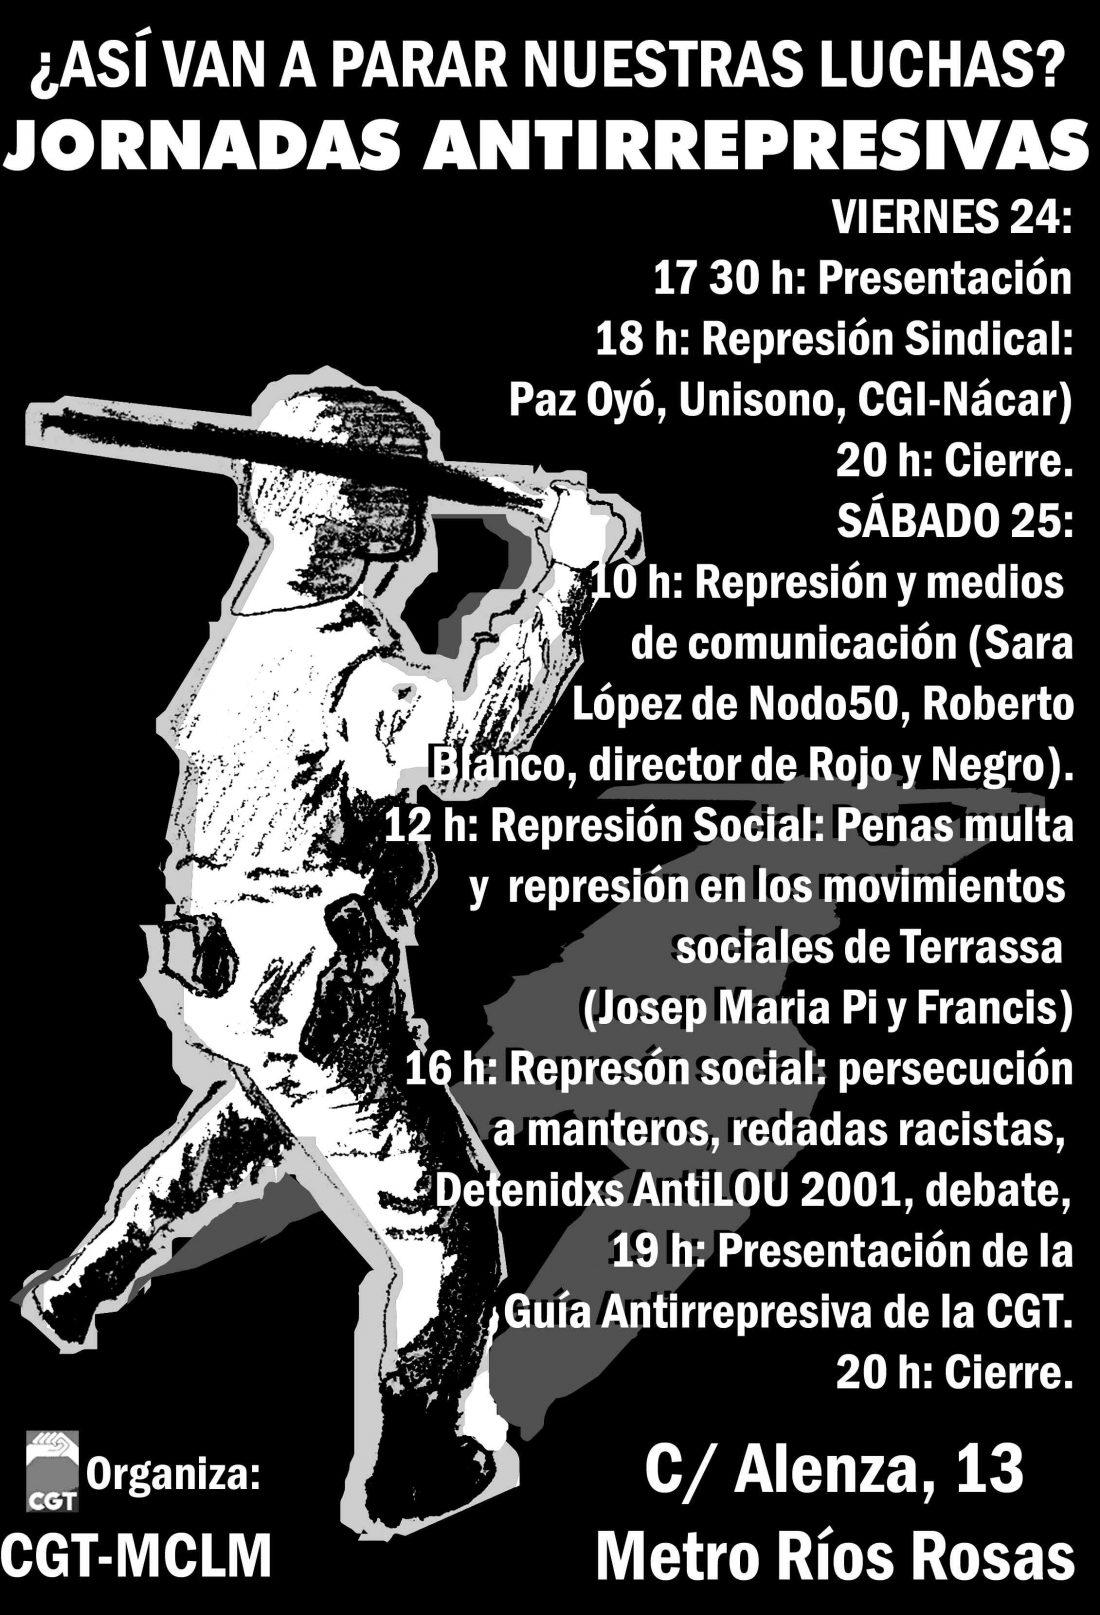 CGT Madrid-Castilla La Mancha: Encuentro Antirrepresivo